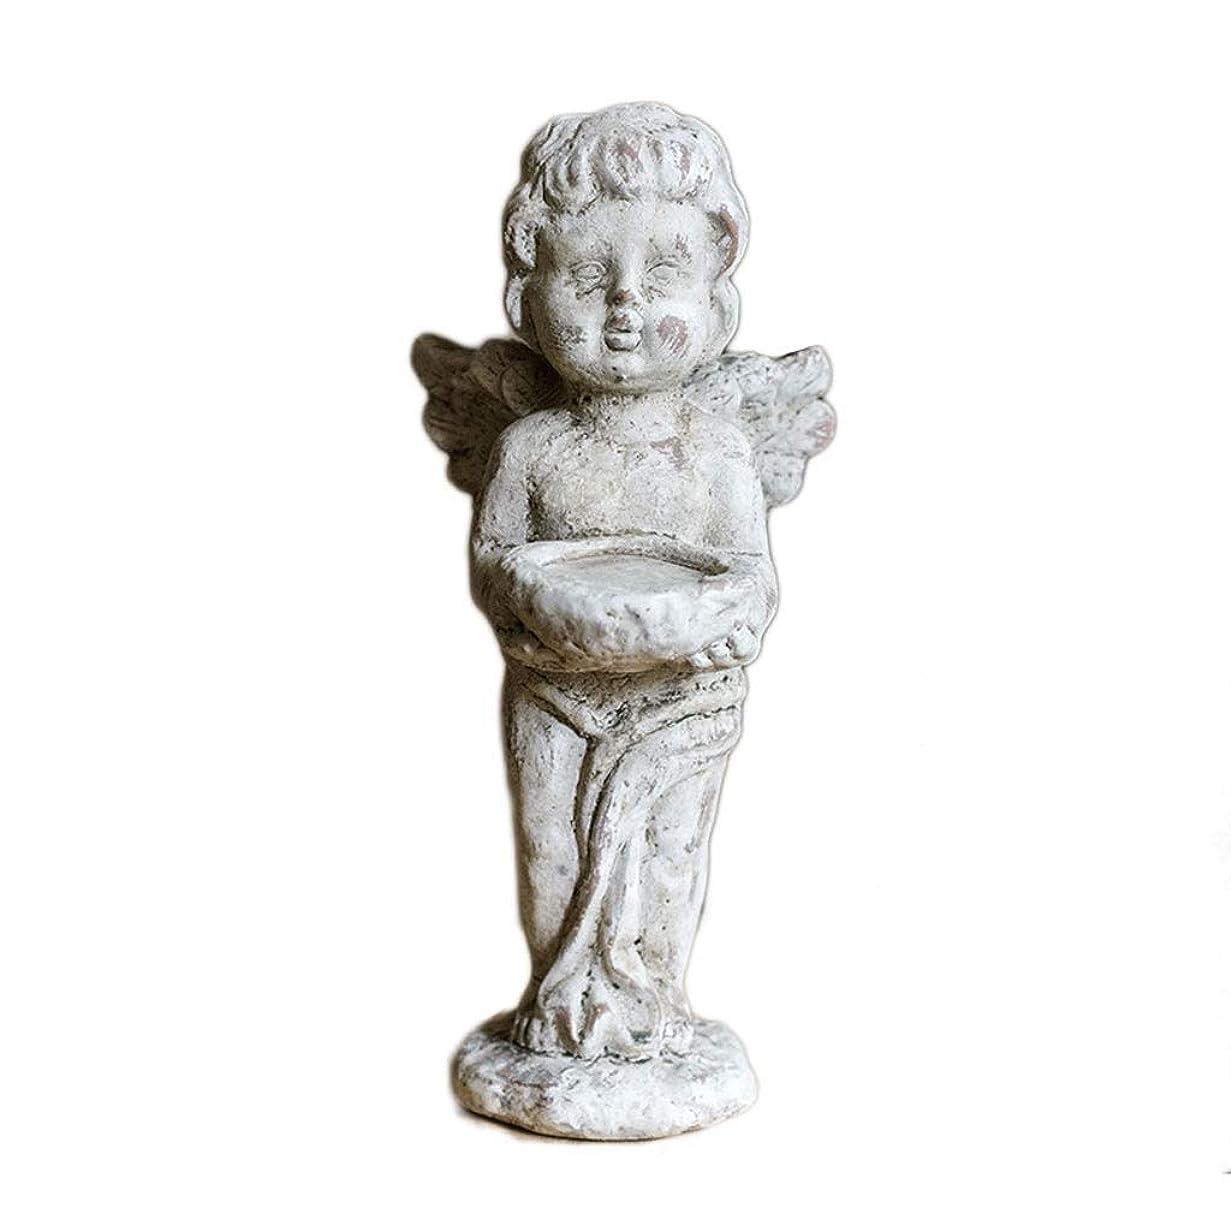 プレフィックスレザー情報エンジェルキャンドルホルダー、陶磁器人形キャンドルホルダーおかしいキャンドルウェディングガーデンコートヤードビンテージアートデコールキューピッドギフト用スタンド (サイズ : B)